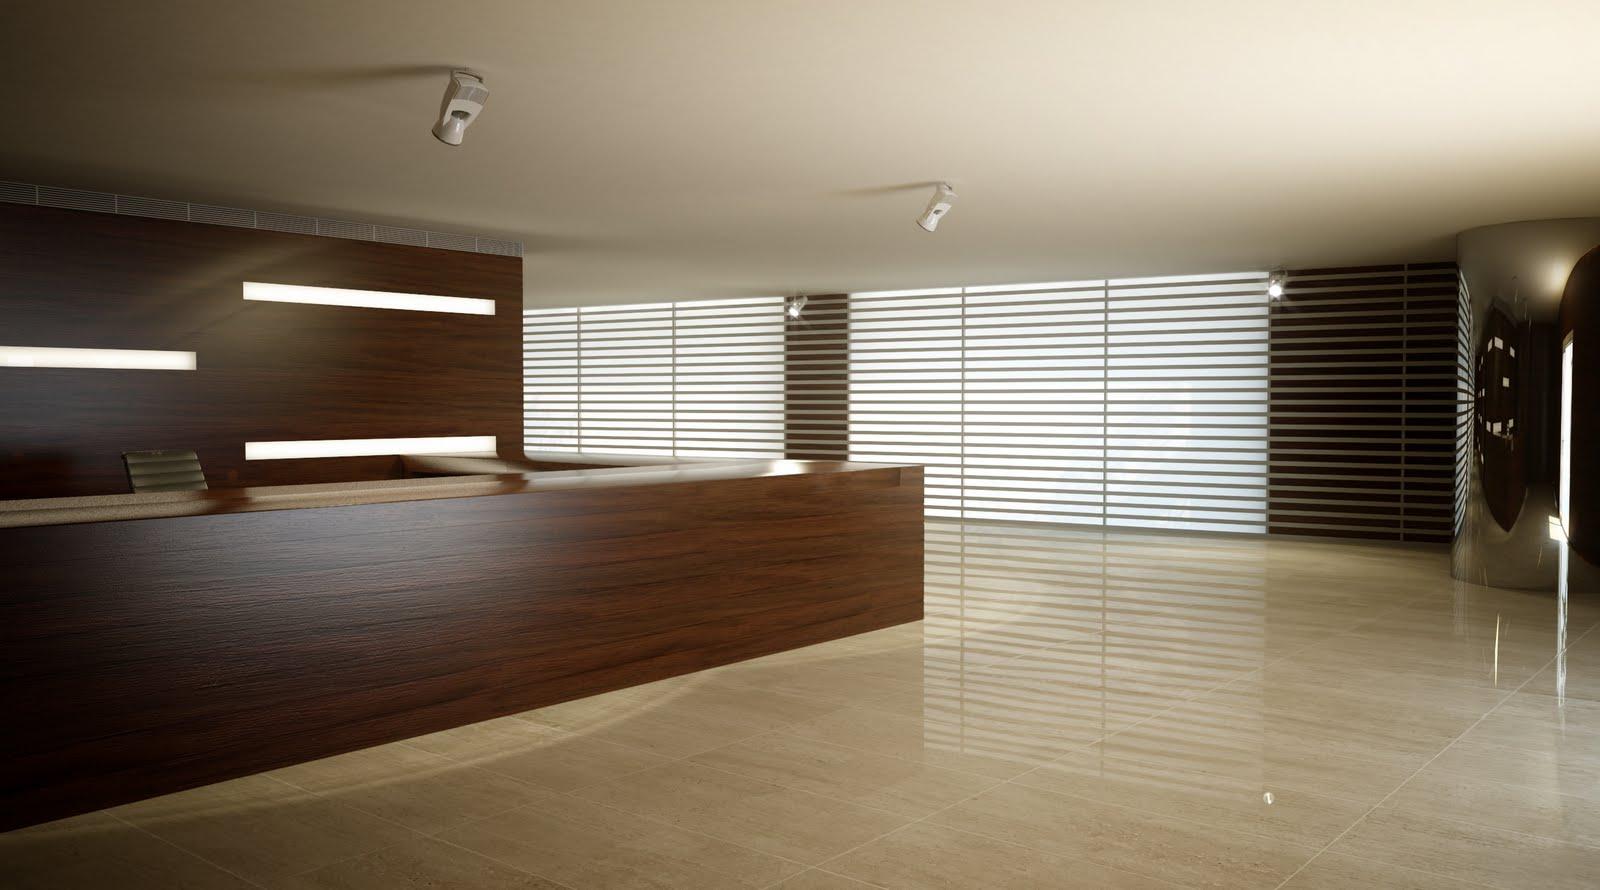 Jose vicente sanz march infografia interiores oficina for Oficinas cam